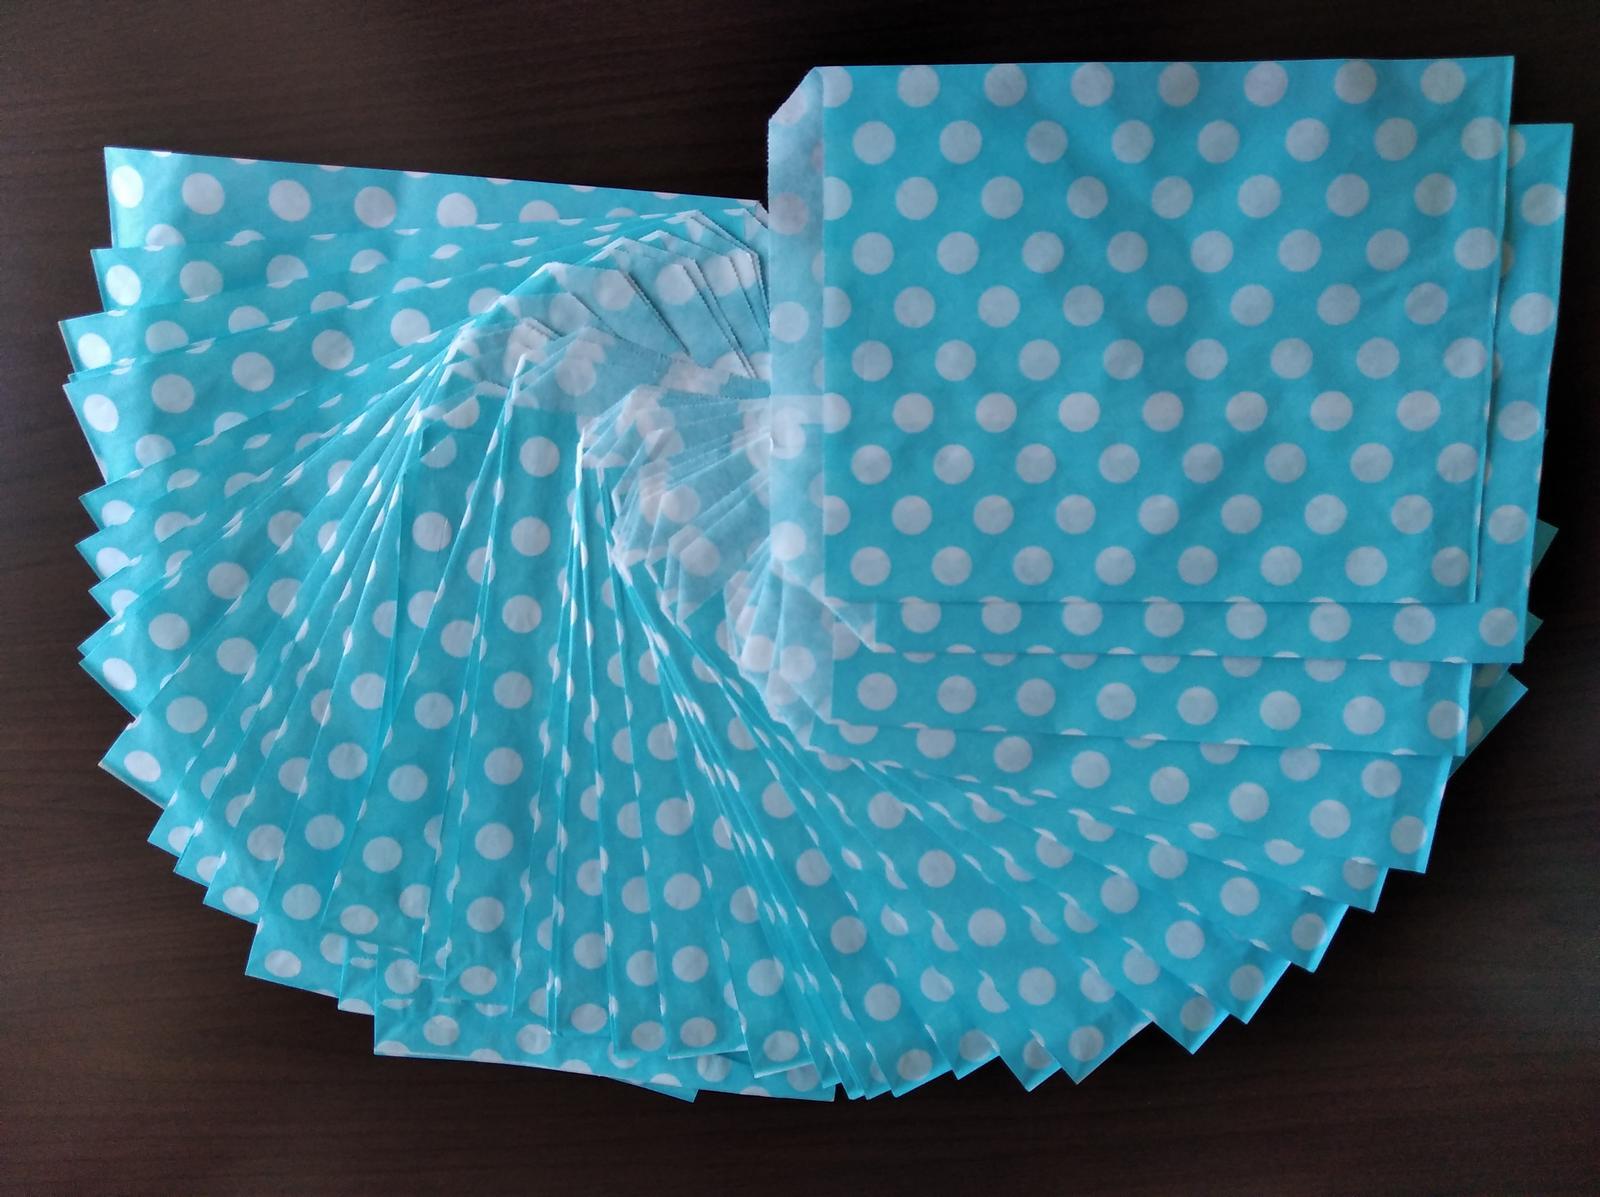 Papírové sáčky 50 ks - Obrázek č. 1